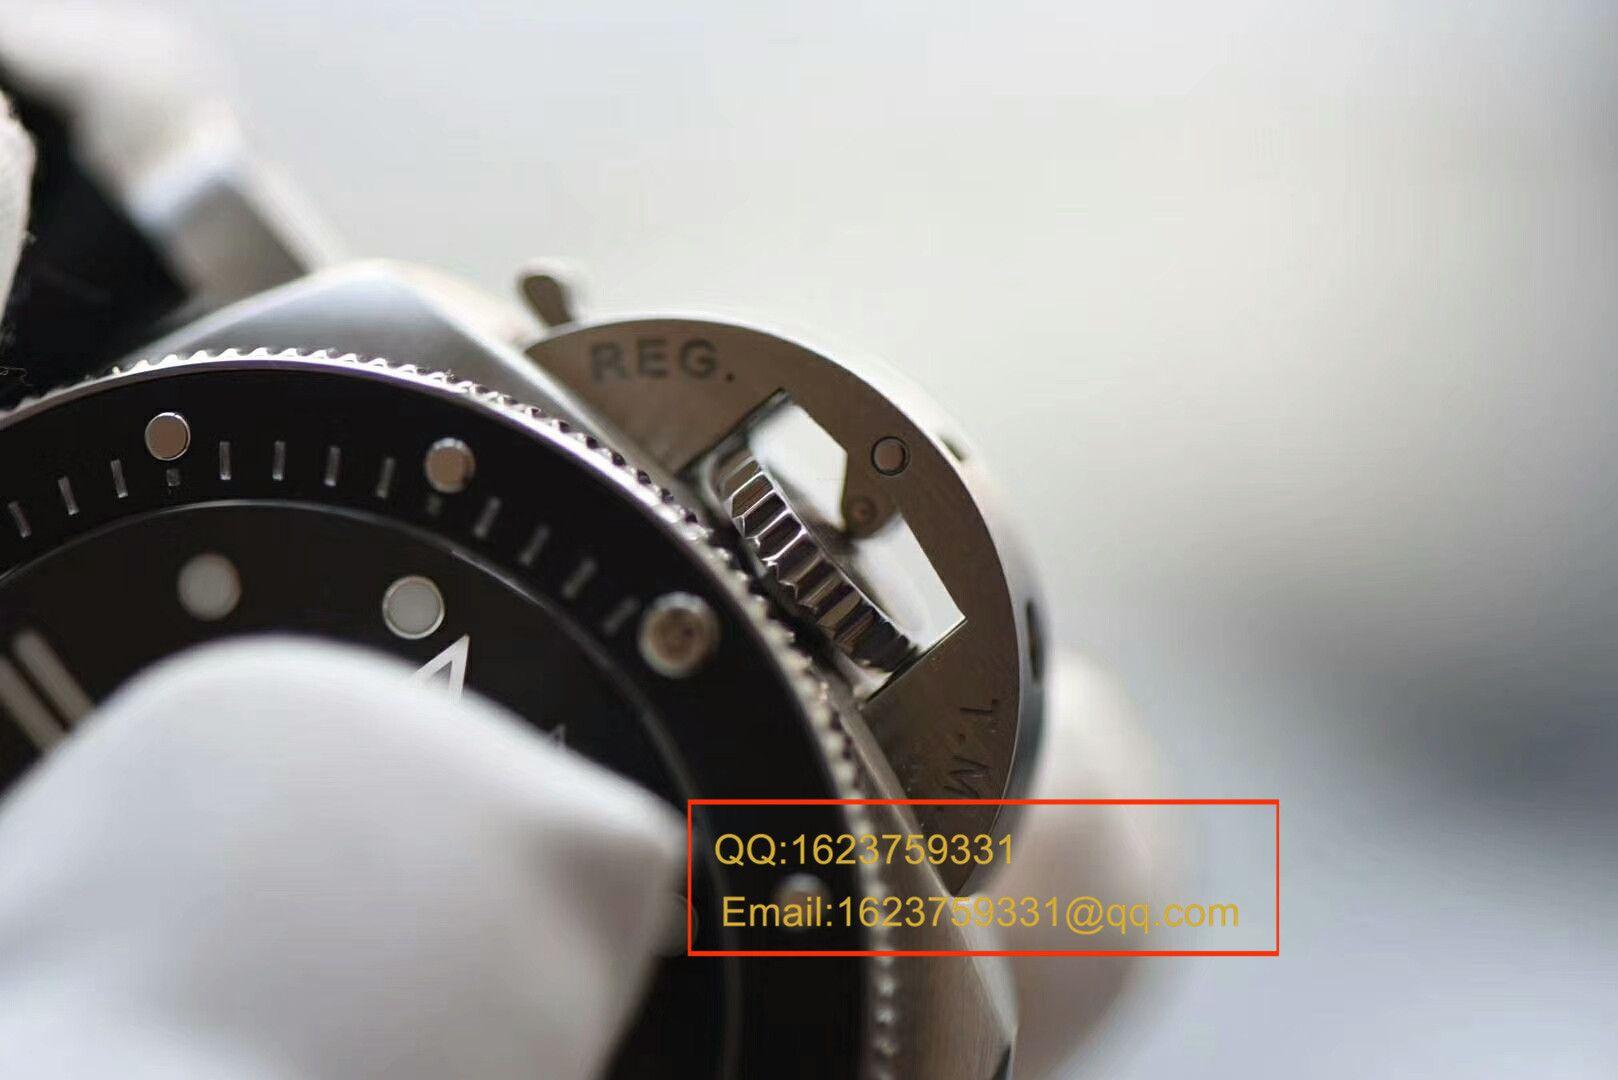 【视频评测XF厂顶级复刻手表】沛纳海LUMINOR 1950系列PAM00684A腕表 / XFB0PAM00684A